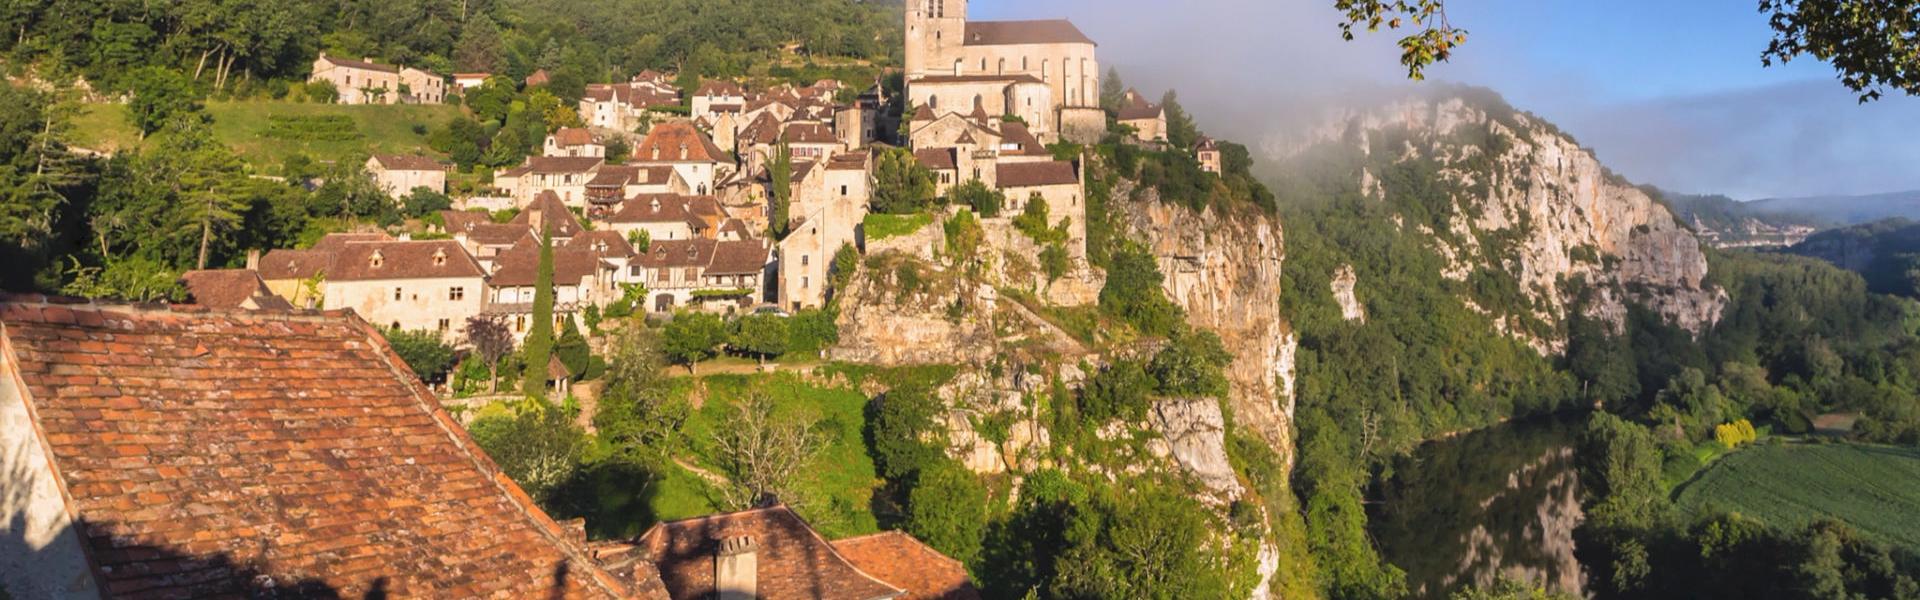 Saint-Cirq-Lapopie au petit matin © Go-Production.com